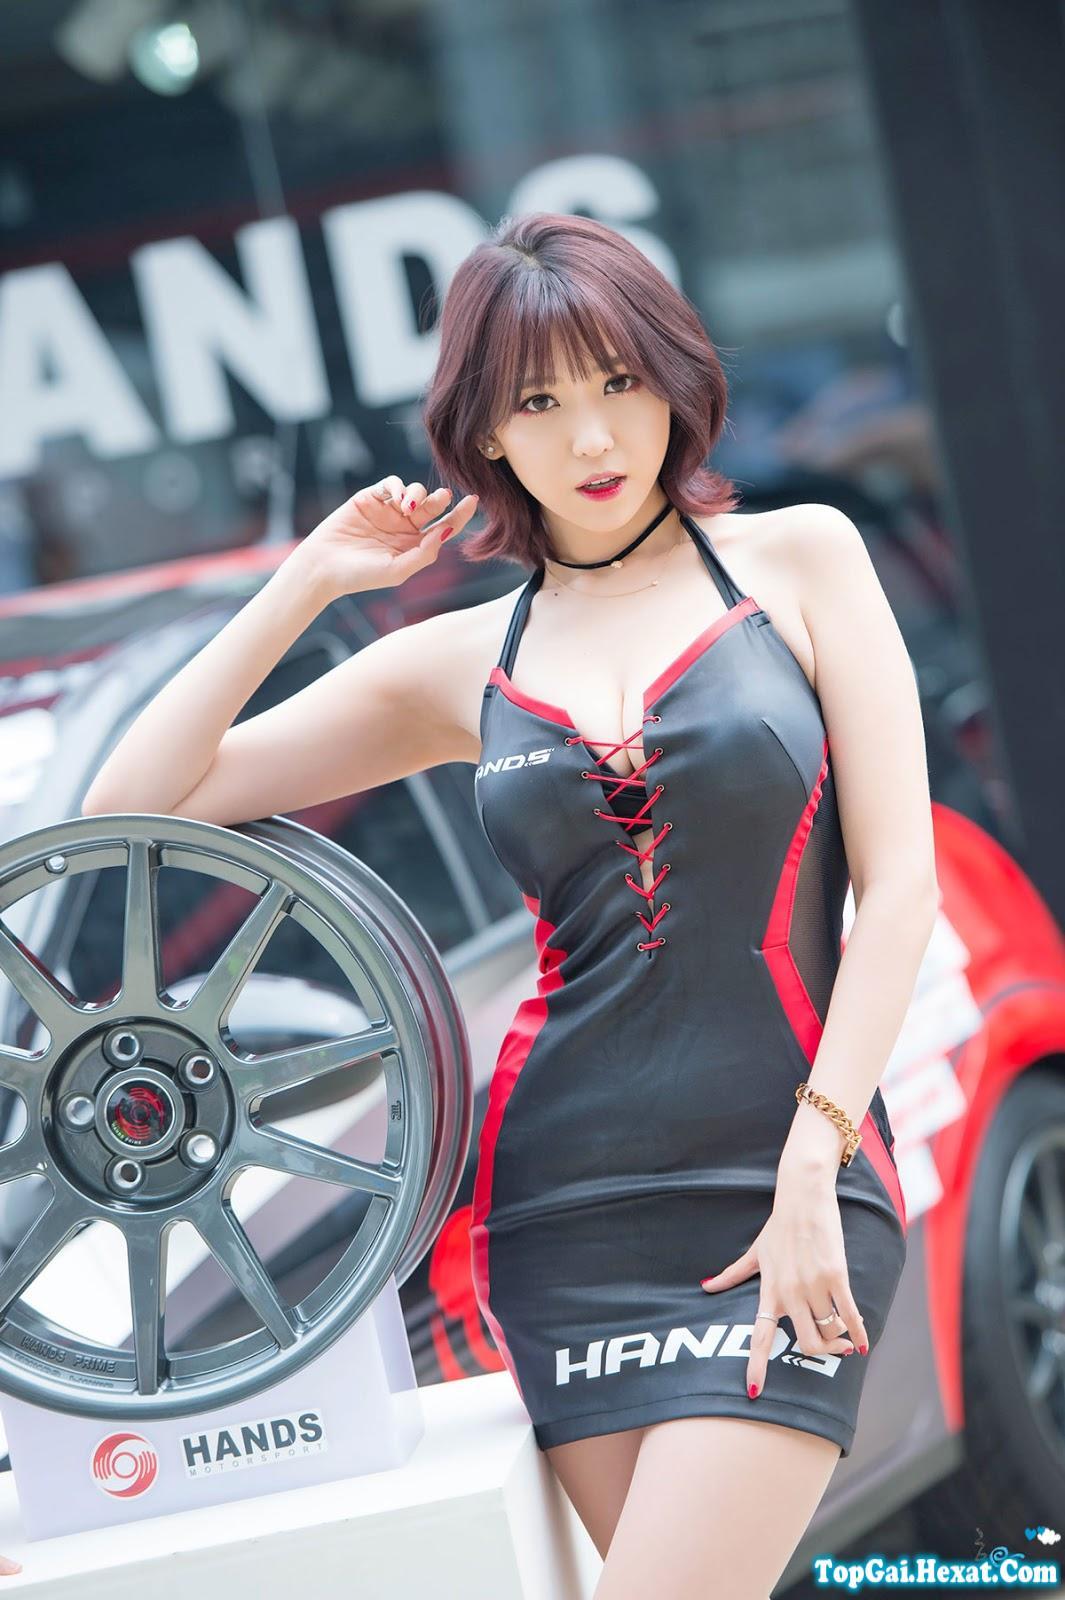 Chân dài Hàn Quốc Lee Eun Hye cực xinh đẹp nóng bỏng|raw